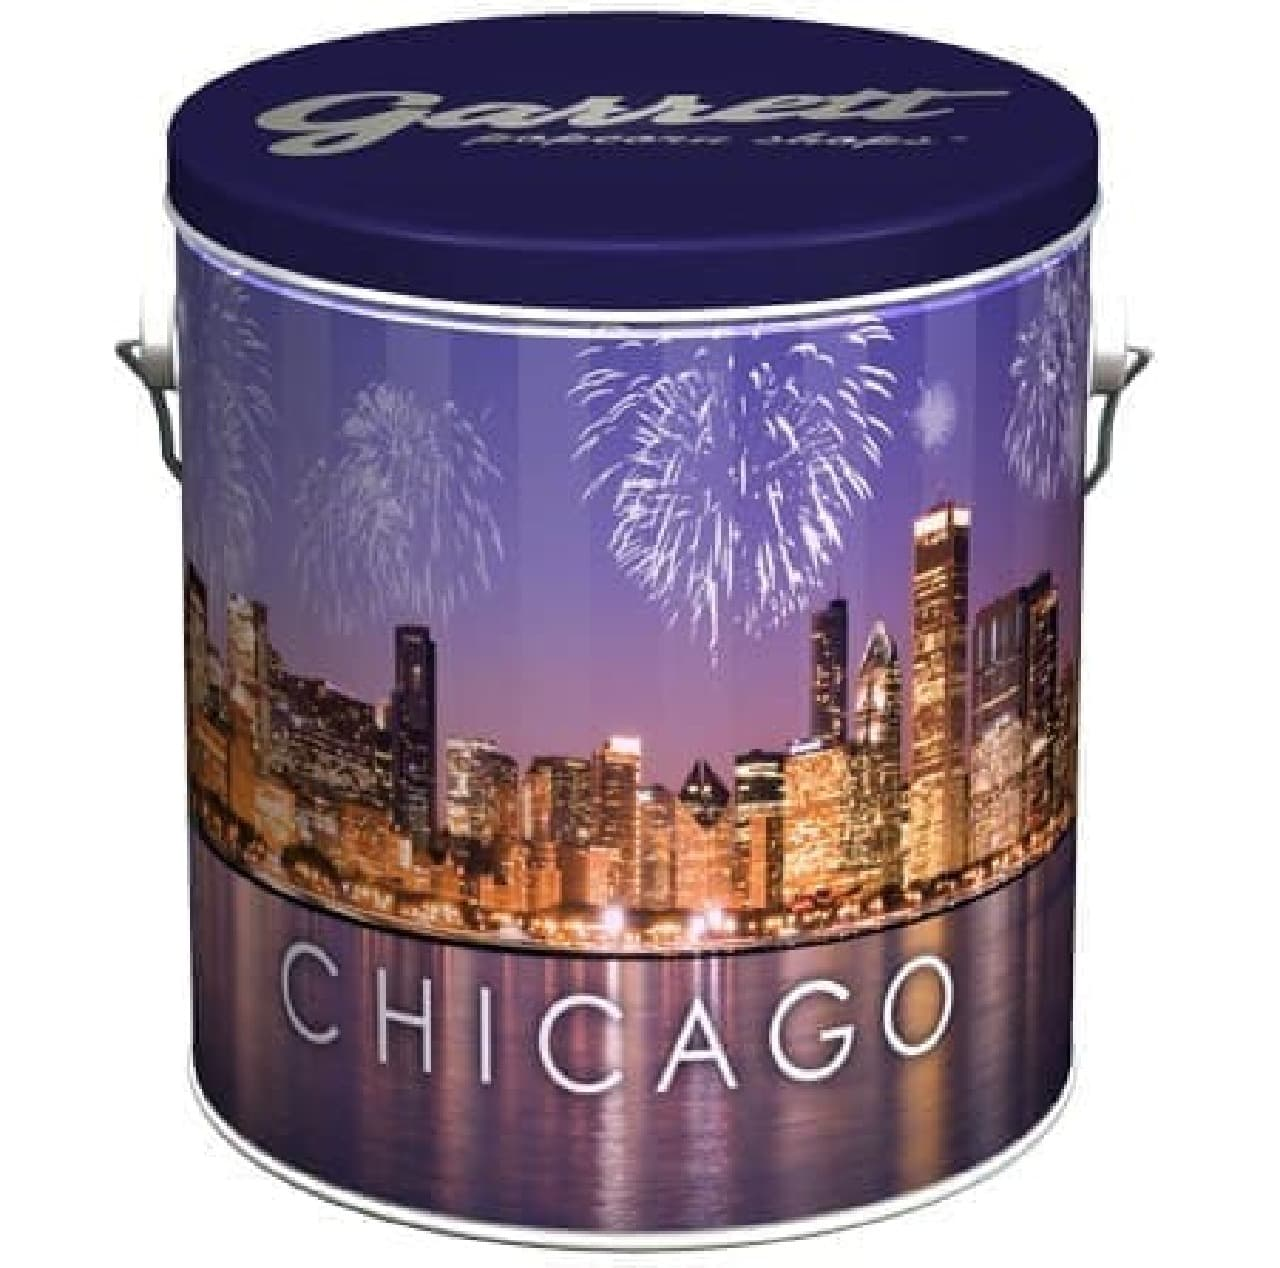 本店のあるシカゴの美しい夜景が描かれた限定缶